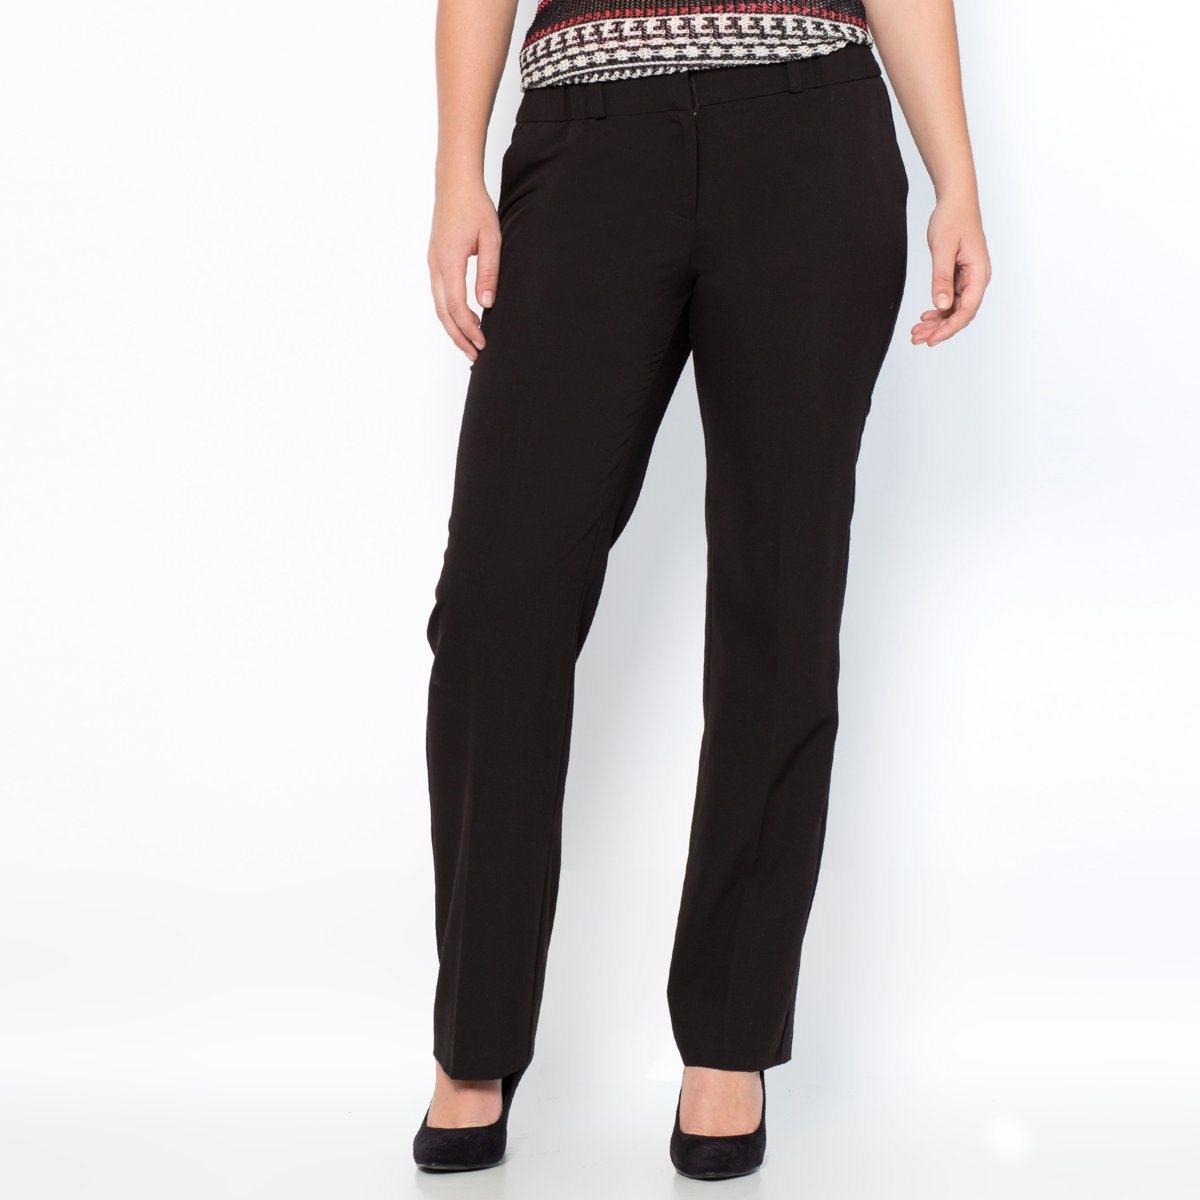 Брюки прямые, покрой экстра-комфортБлагодаря своему прямому покрою эти брюки подойдут всем: они не подчёркивают ни талию, ни бёдра ! Из великолепно сидящей, струящейся ткани, 74 % полиэстера, 19 % вискозы, 7 % эластана, не требует глажки!ПОКРОЙ ЭСКТРА-КОМФОРТ : (пышные бёдра). Полностью эластичный пояс. Вытачки спереди и сзади. Косые карманы спереди, карман на пуговице сзади. Длина по внутреннему шву 78 см,   ширина по низу 22 см.<br><br>Цвет: темно-синий,черный<br>Размер: 42 (FR) - 48 (RUS).44 (FR) - 50 (RUS).46 (FR) - 52 (RUS).50 (FR) - 56 (RUS).52 (FR) - 58 (RUS).56 (FR) - 62 (RUS).58 (FR) - 64 (RUS).60 (FR) - 66 (RUS).62 (FR) - 68 (RUS)